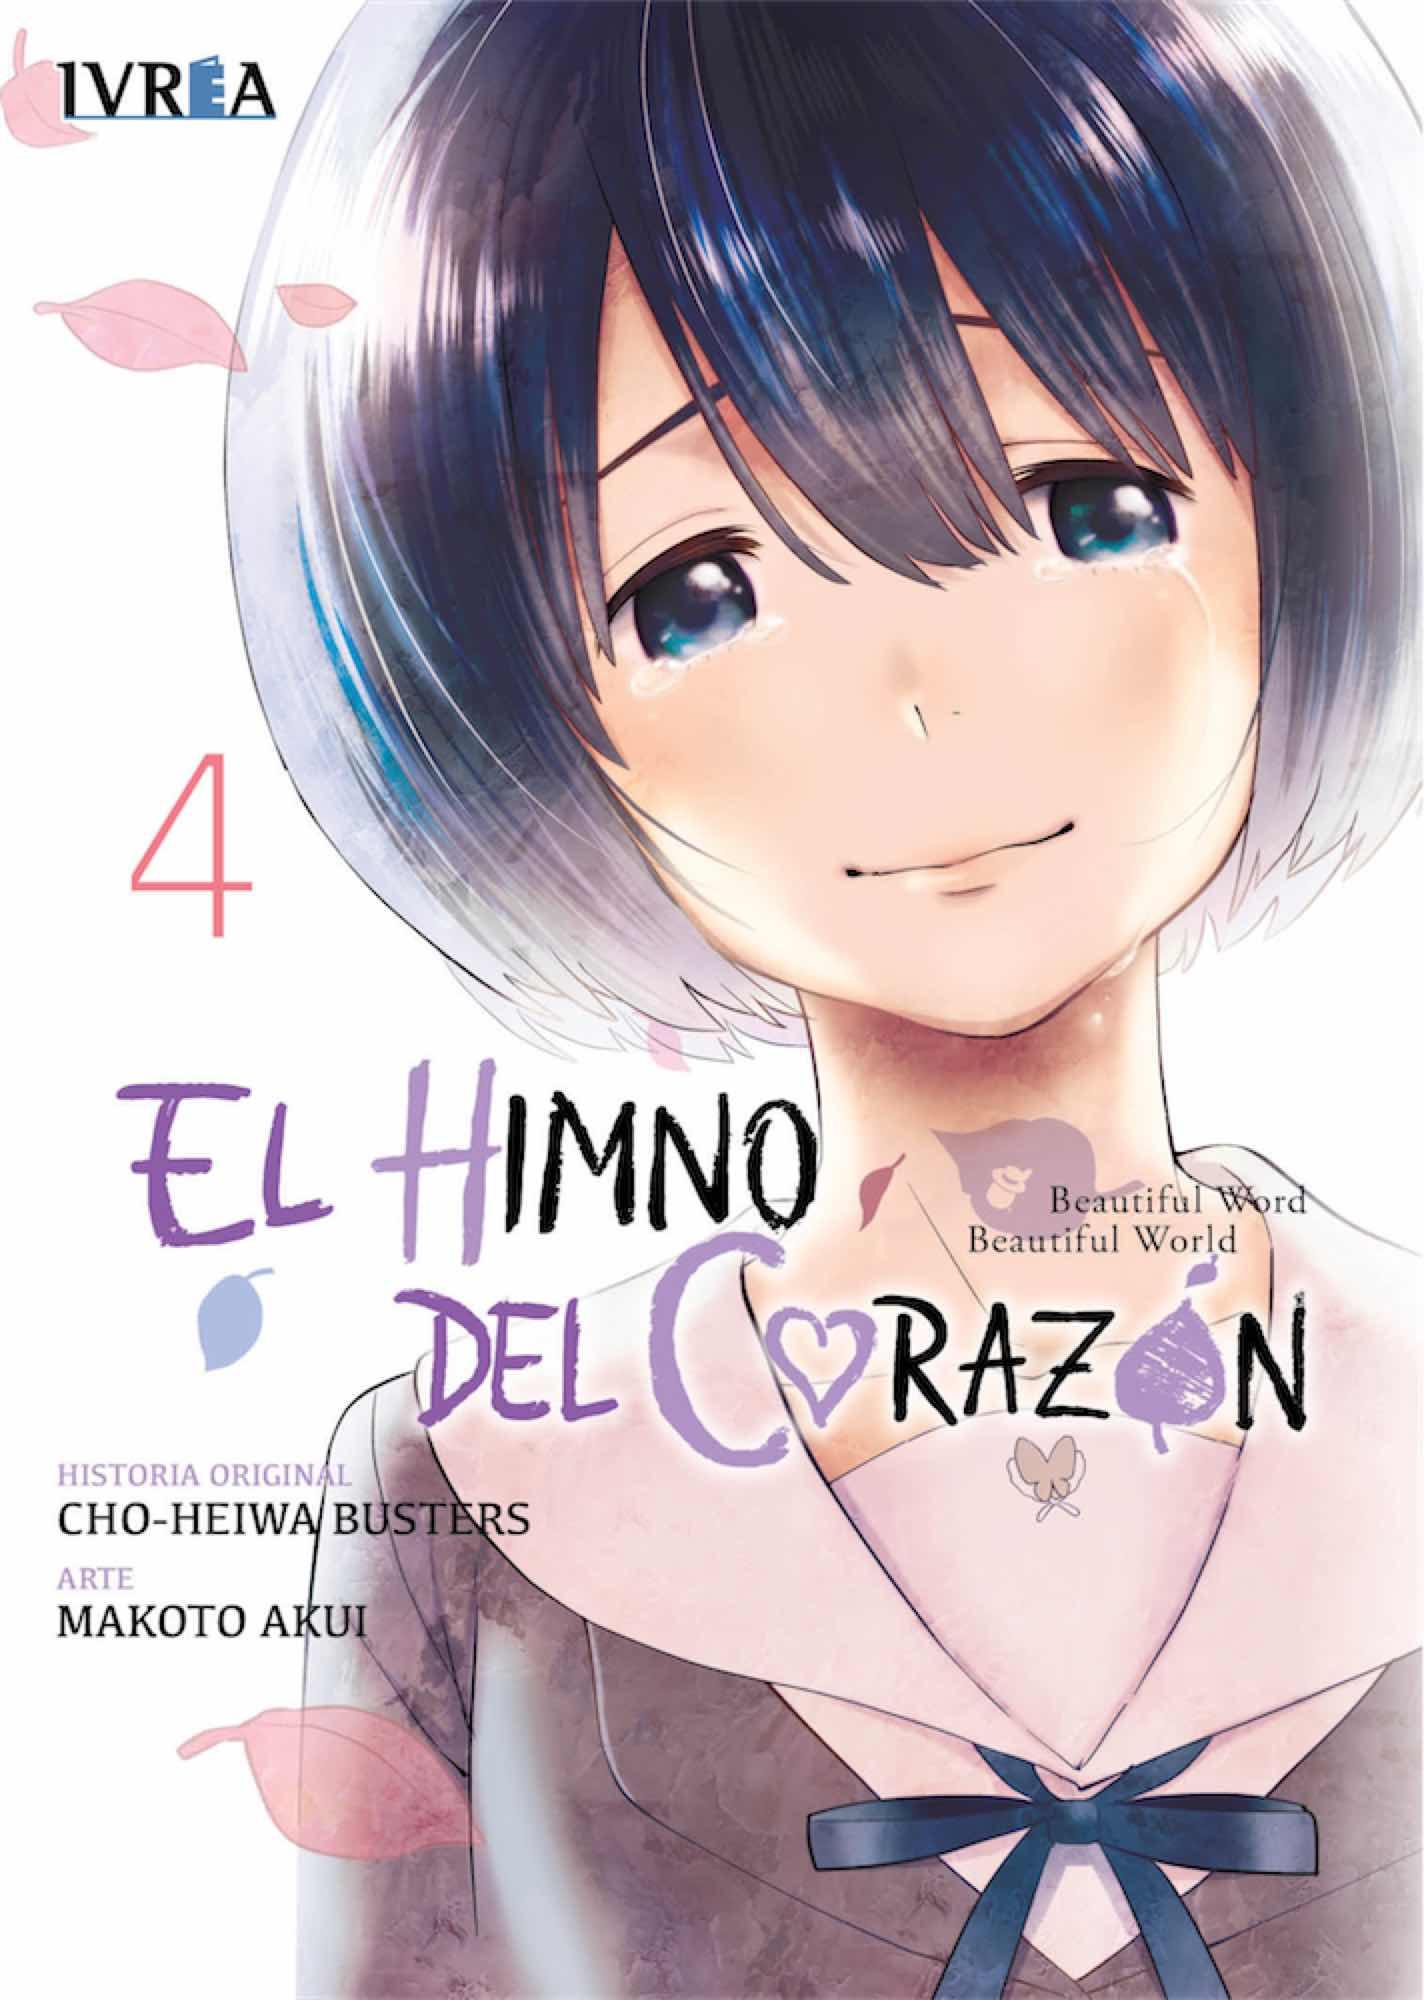 EL HIMNO DEL CORAZON 04 (COMIC)